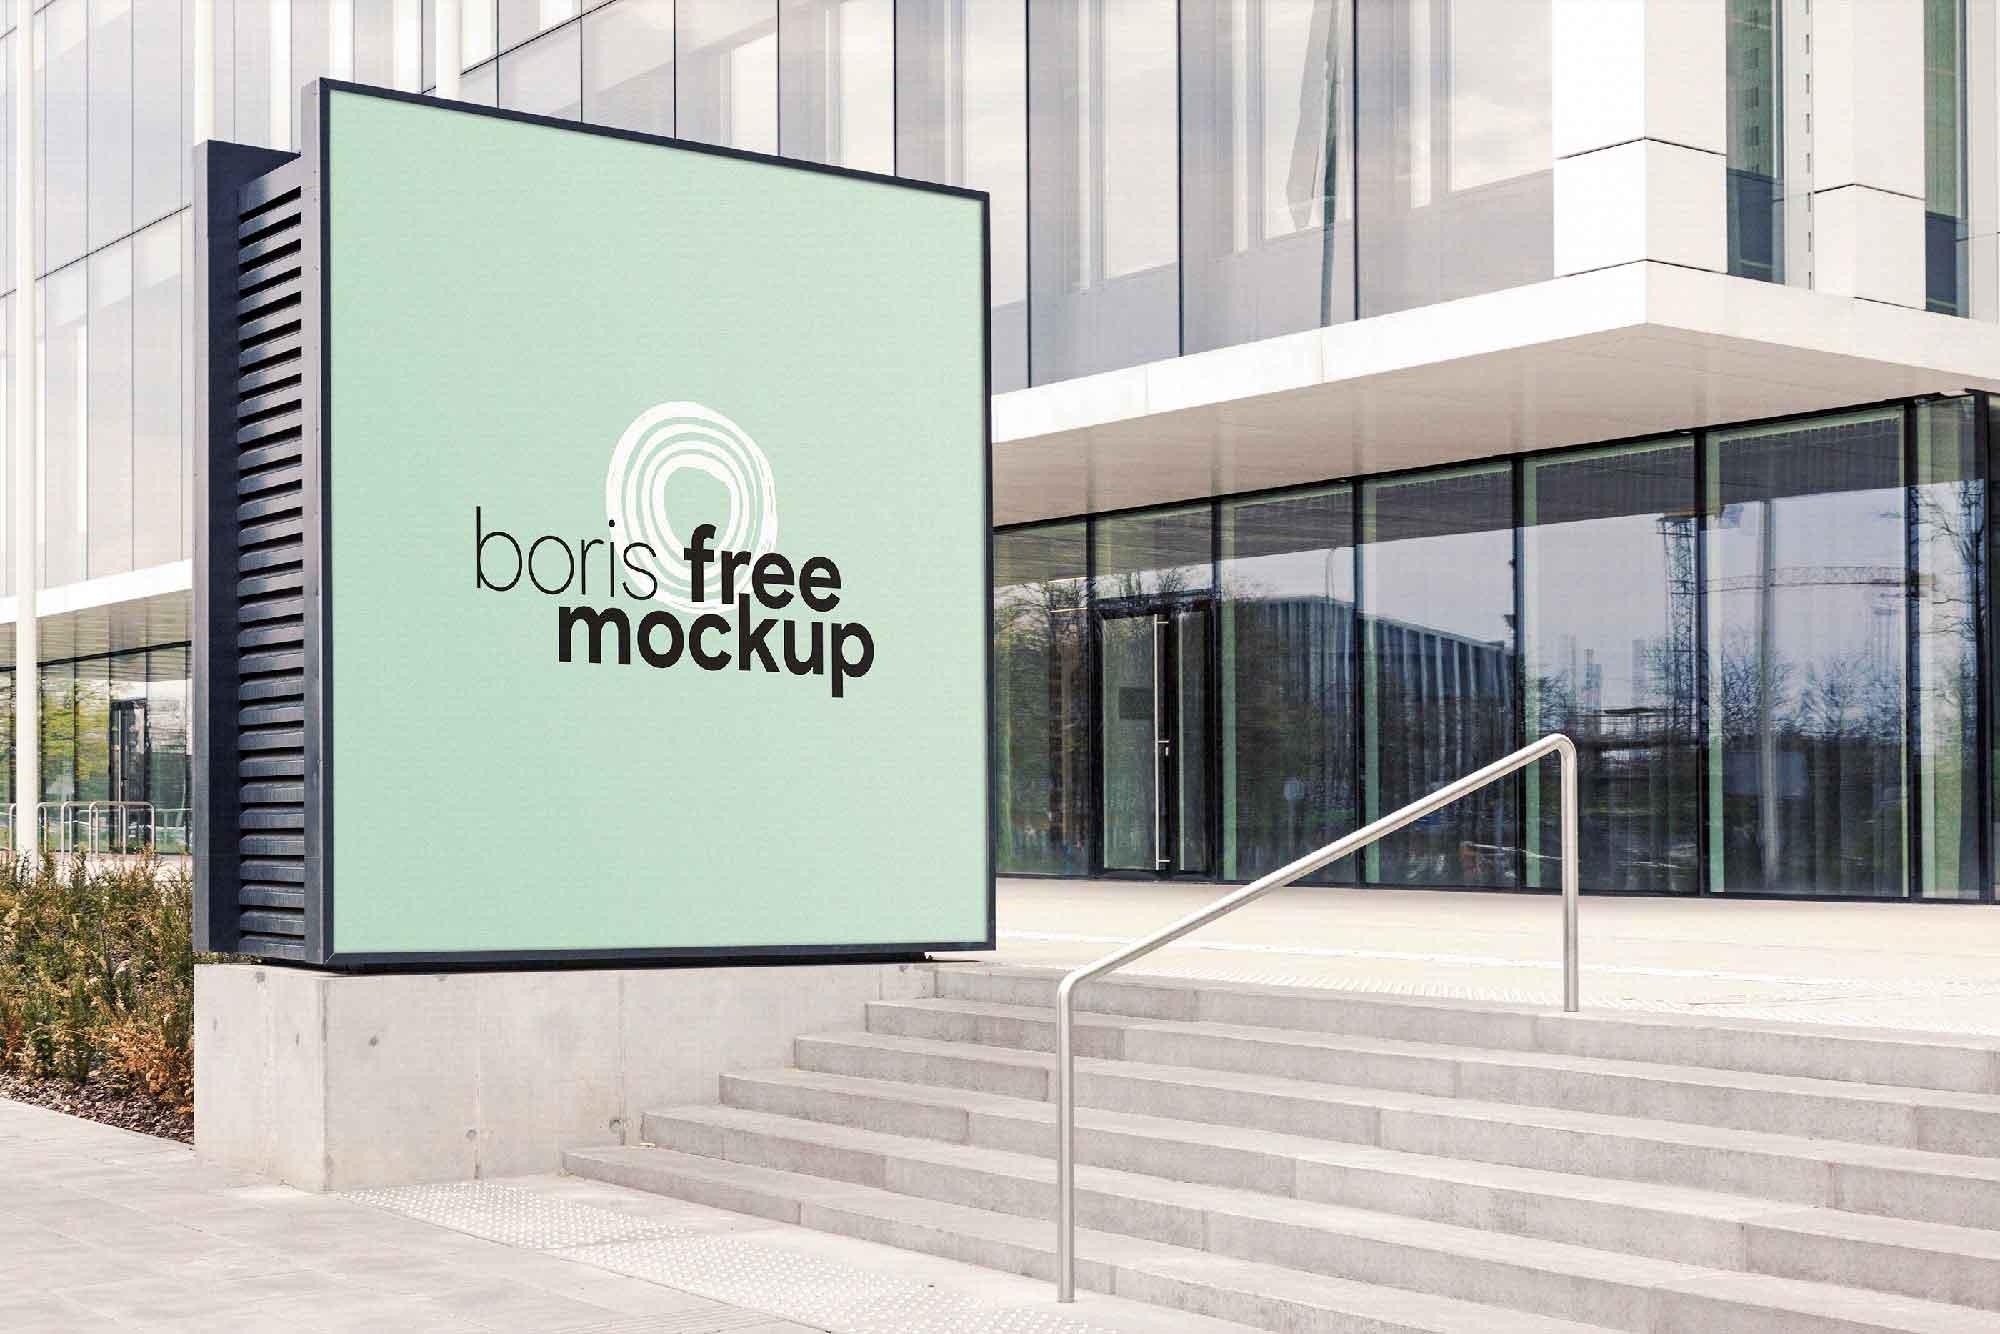 Outdoor Squarish Advertising Mockup